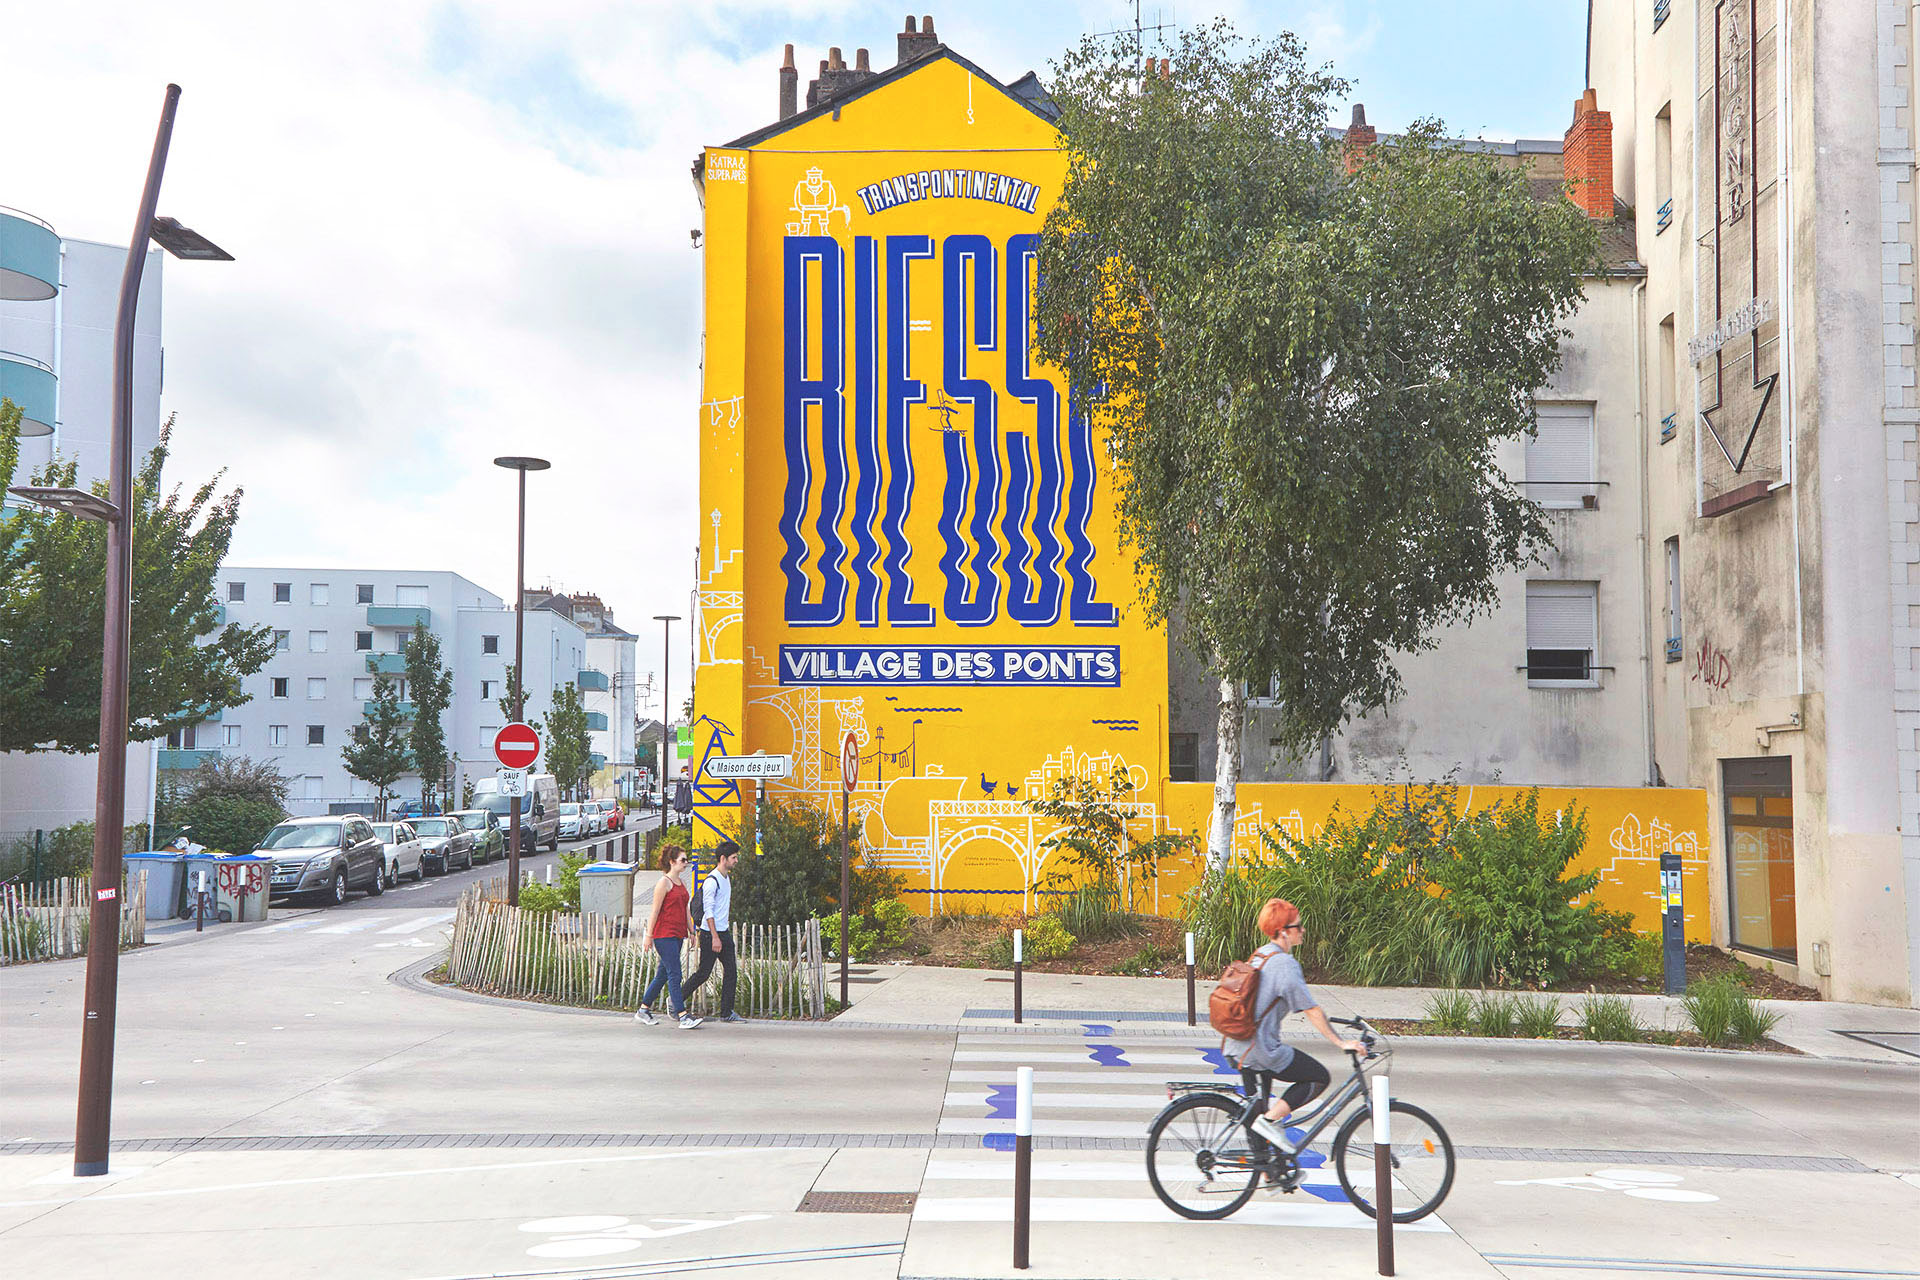 M-Màj Signalétique urbaine rue Biesse Nantes peinture en lettres rue Biesse nantes